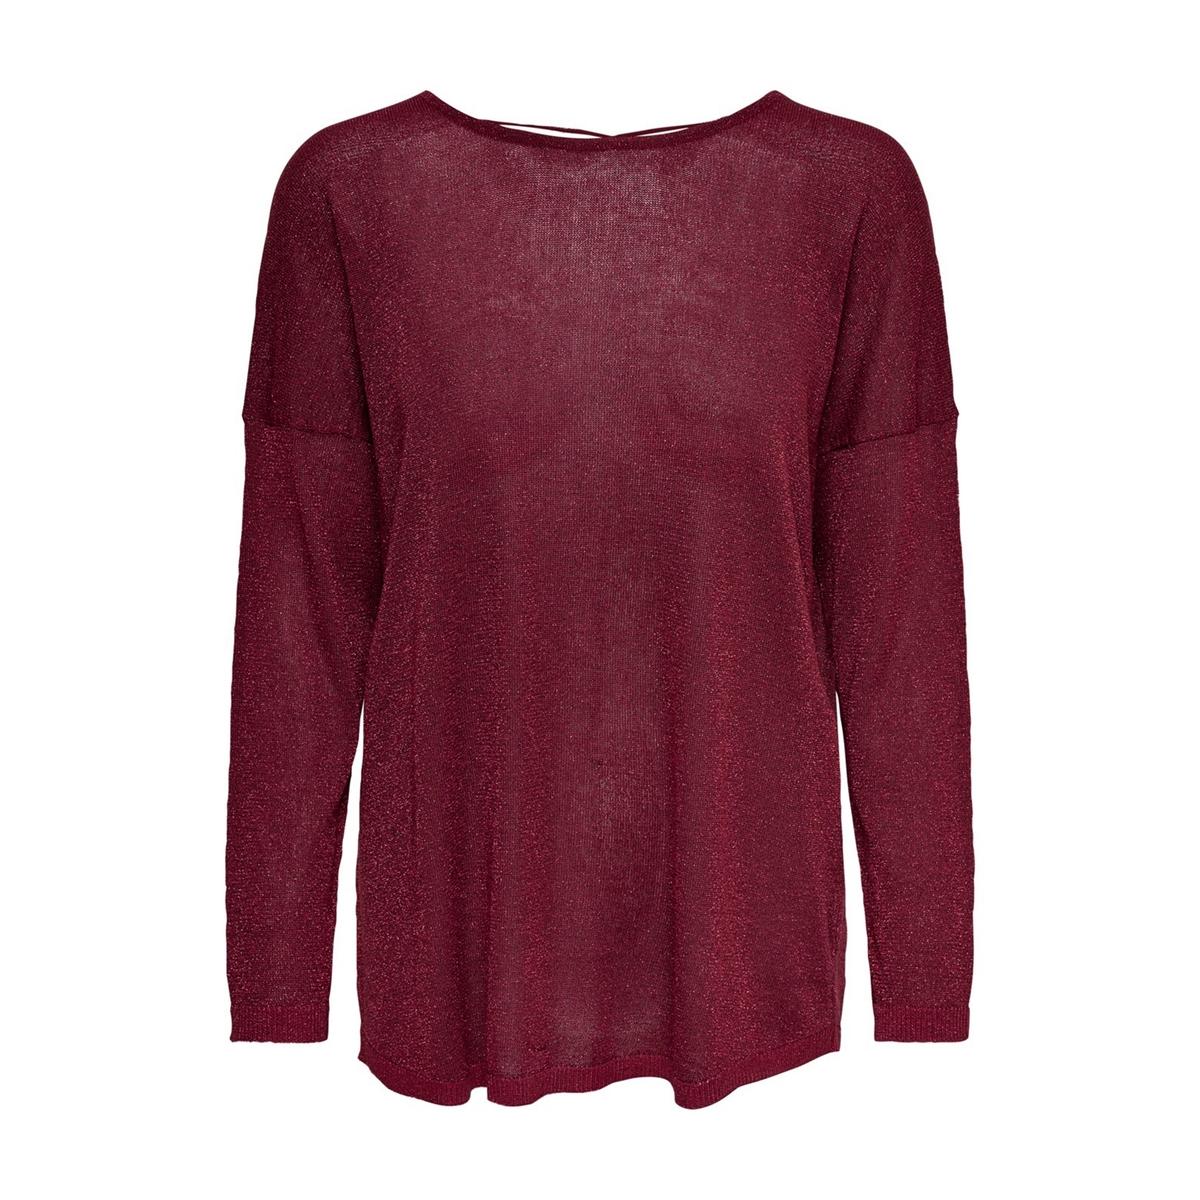 Пуловер La Redoute С круглым вырезом и длинными рукавами XS красный пуловер la redoute с круглым вырезом и длинными рукавами m каштановый